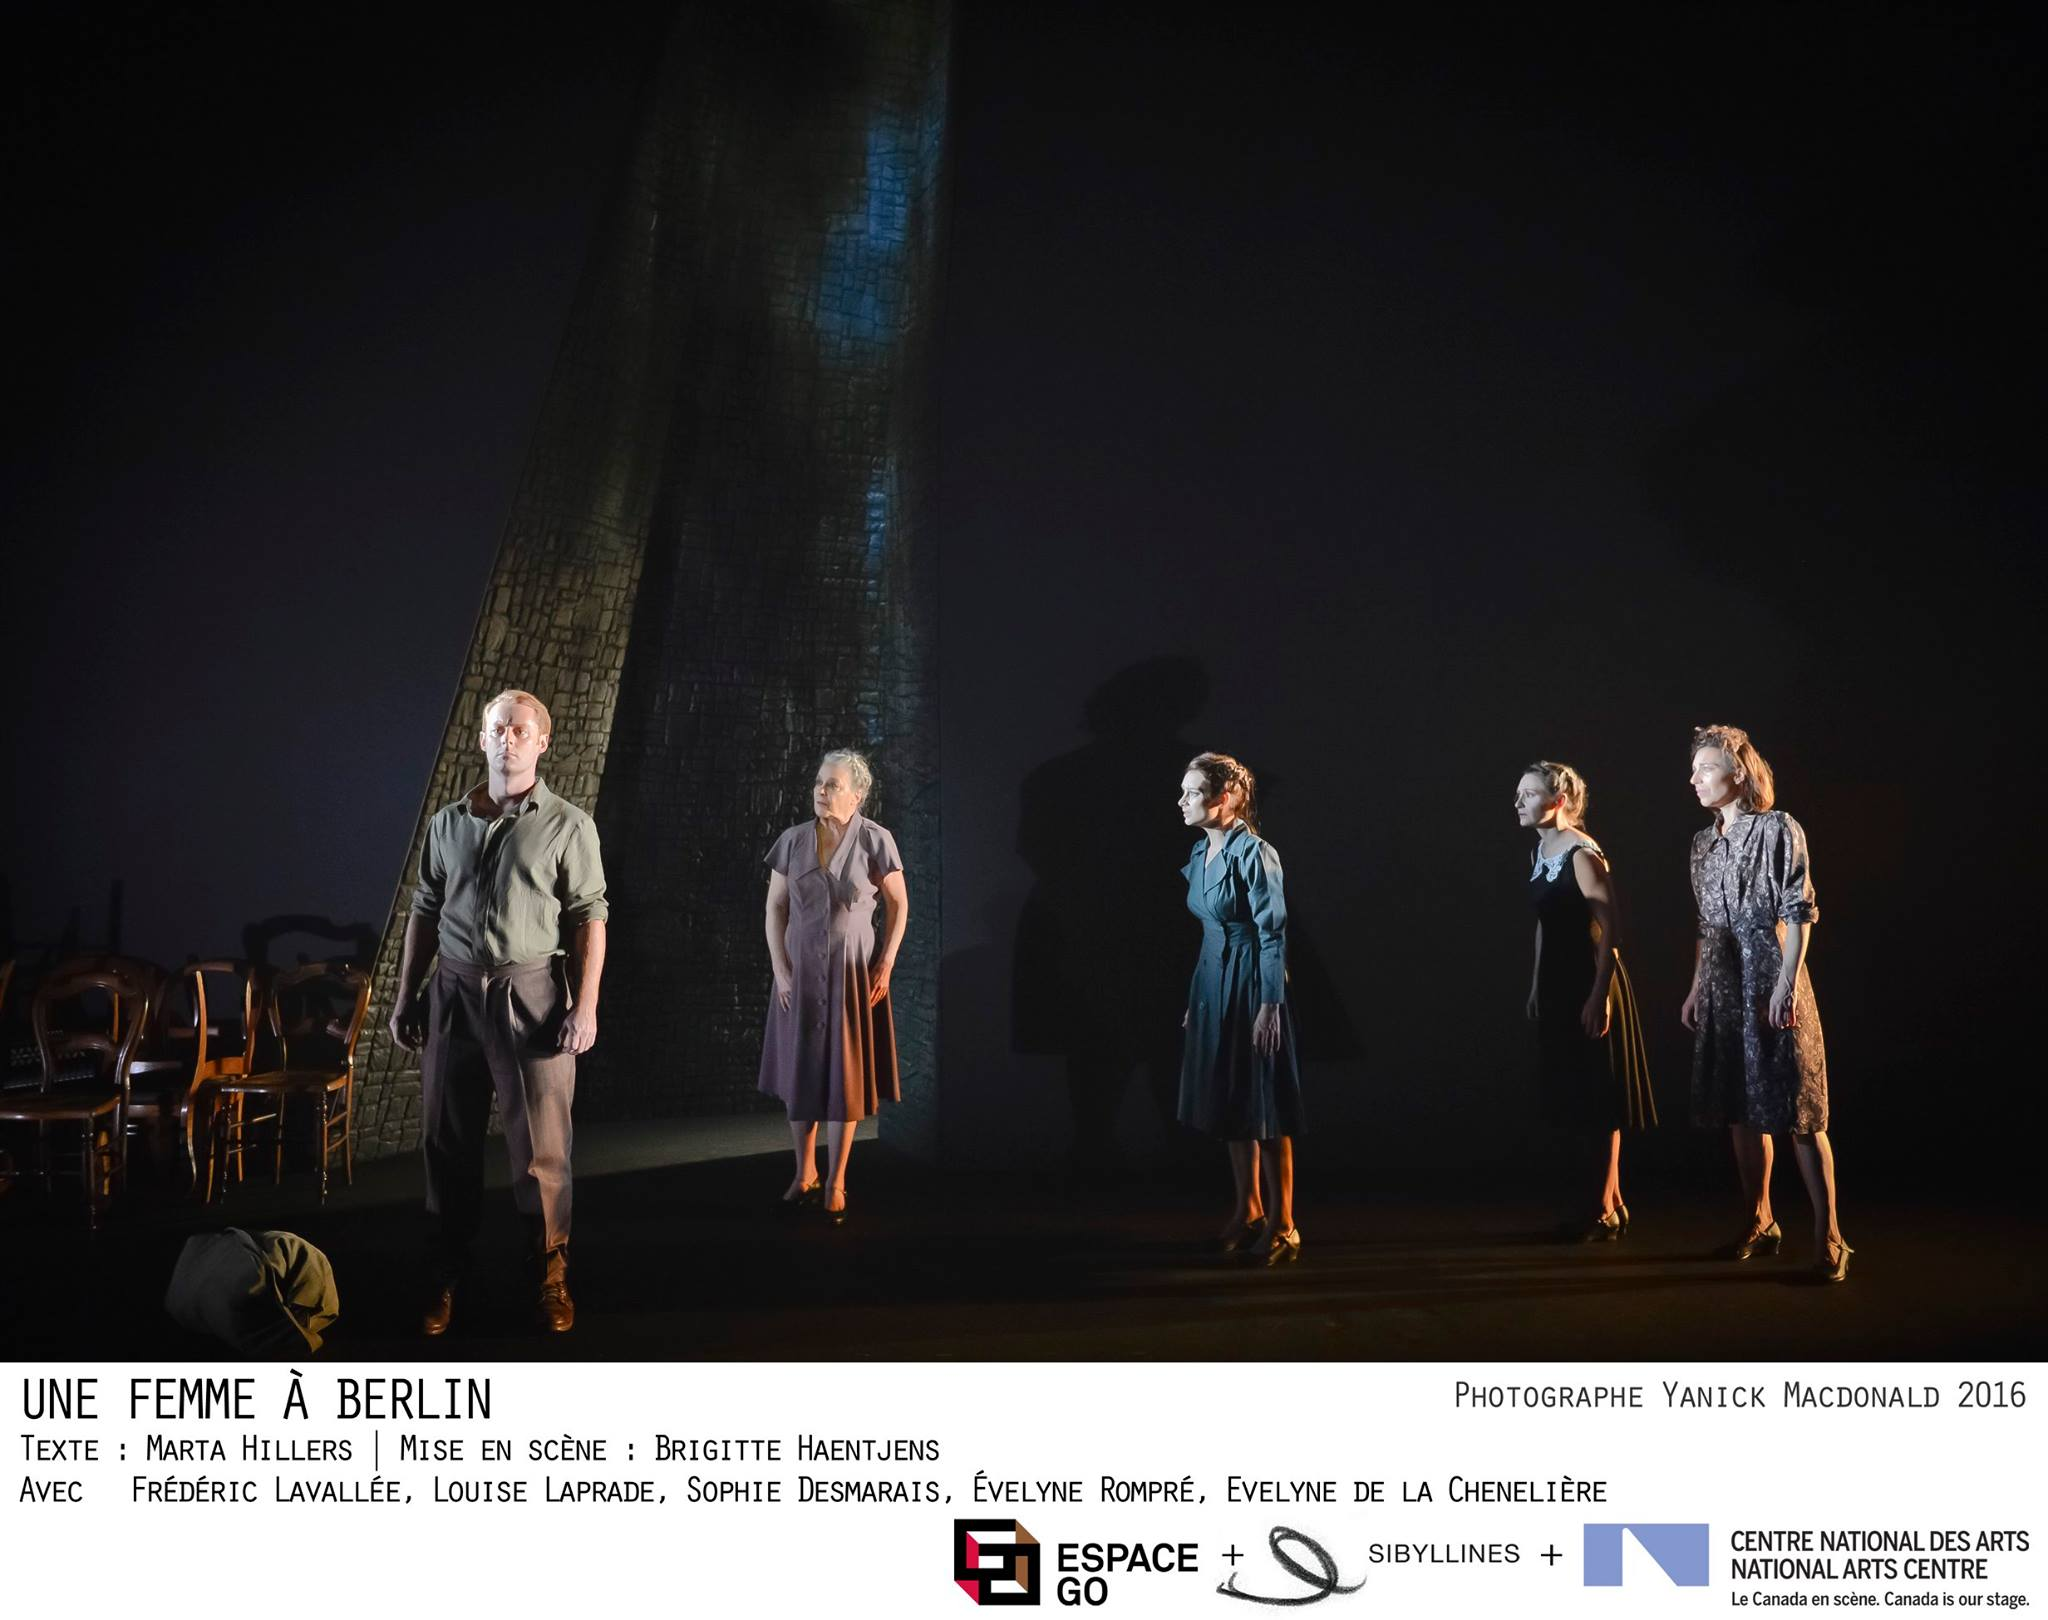 Photo: Yannick MacDonald Page Facebook Espace Go Une femme à Berlin, une pièce de Marta Hillers, Mise en scène de Brigitte Haens Jens